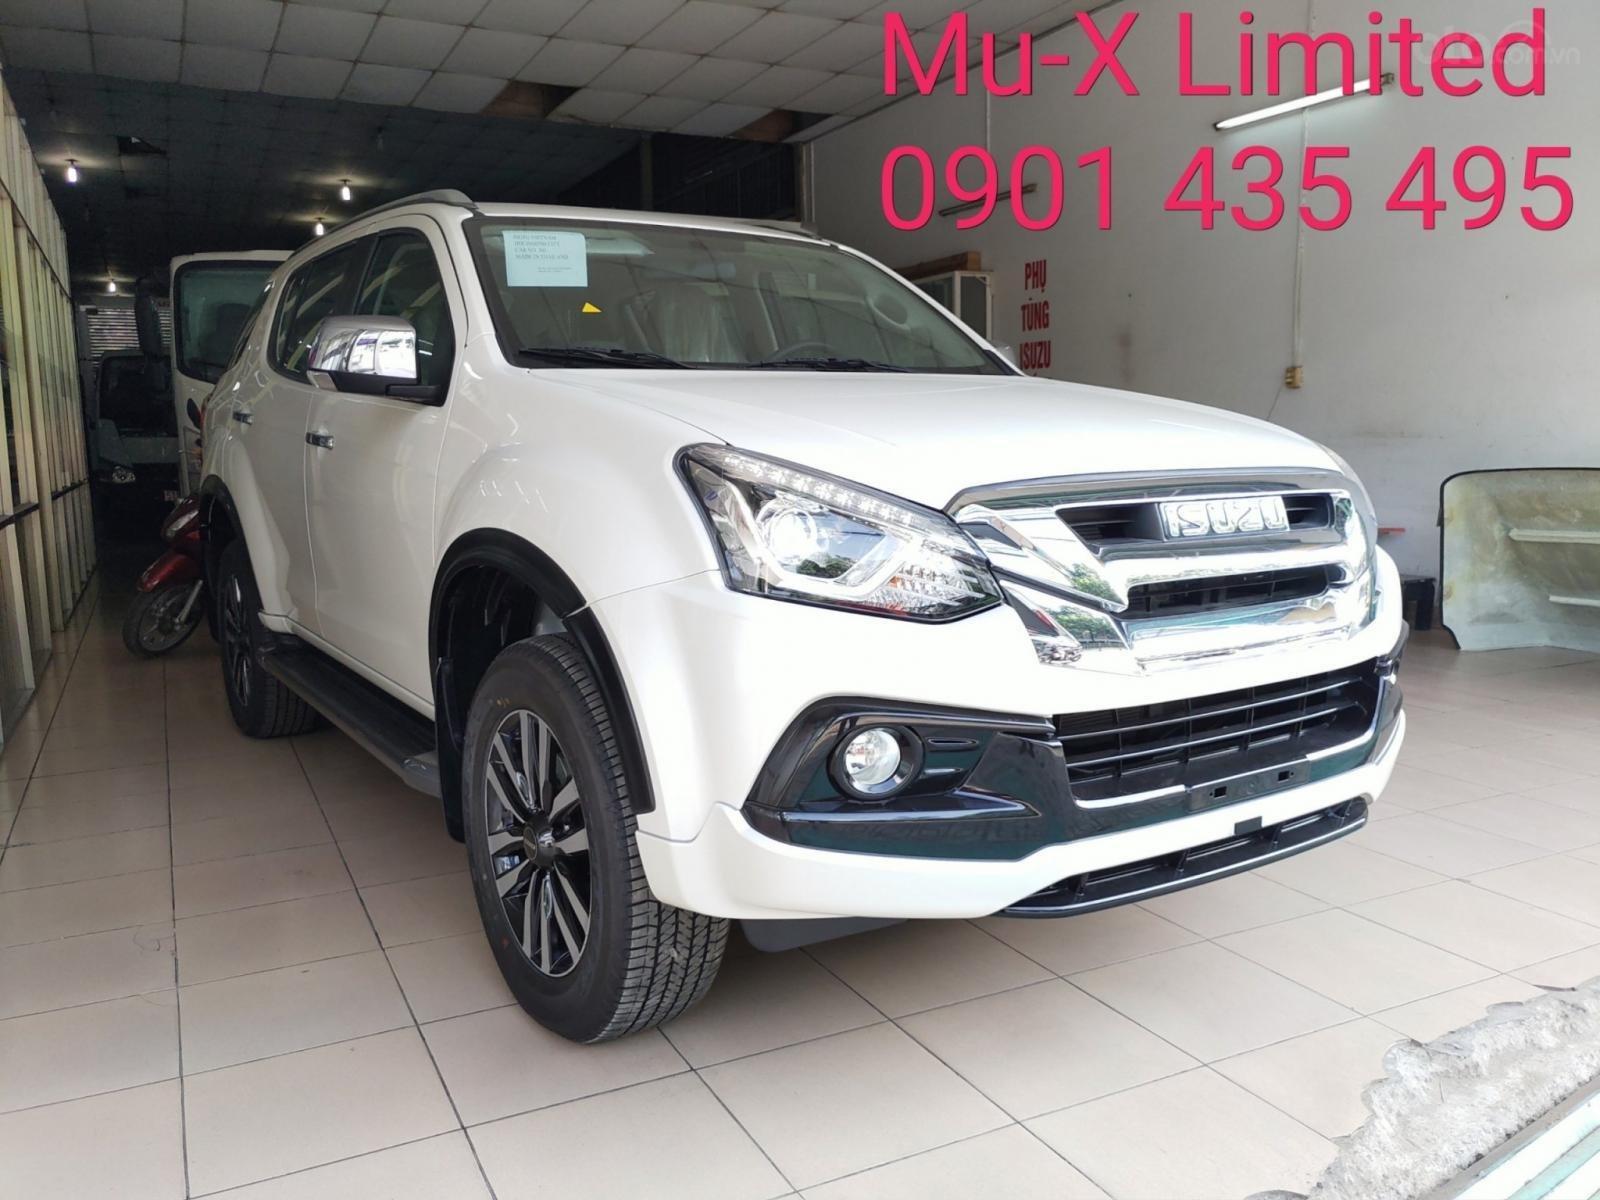 Bán Isuzu Mu-X Limited 1.9 nhập khẩu Thái Lan (2)